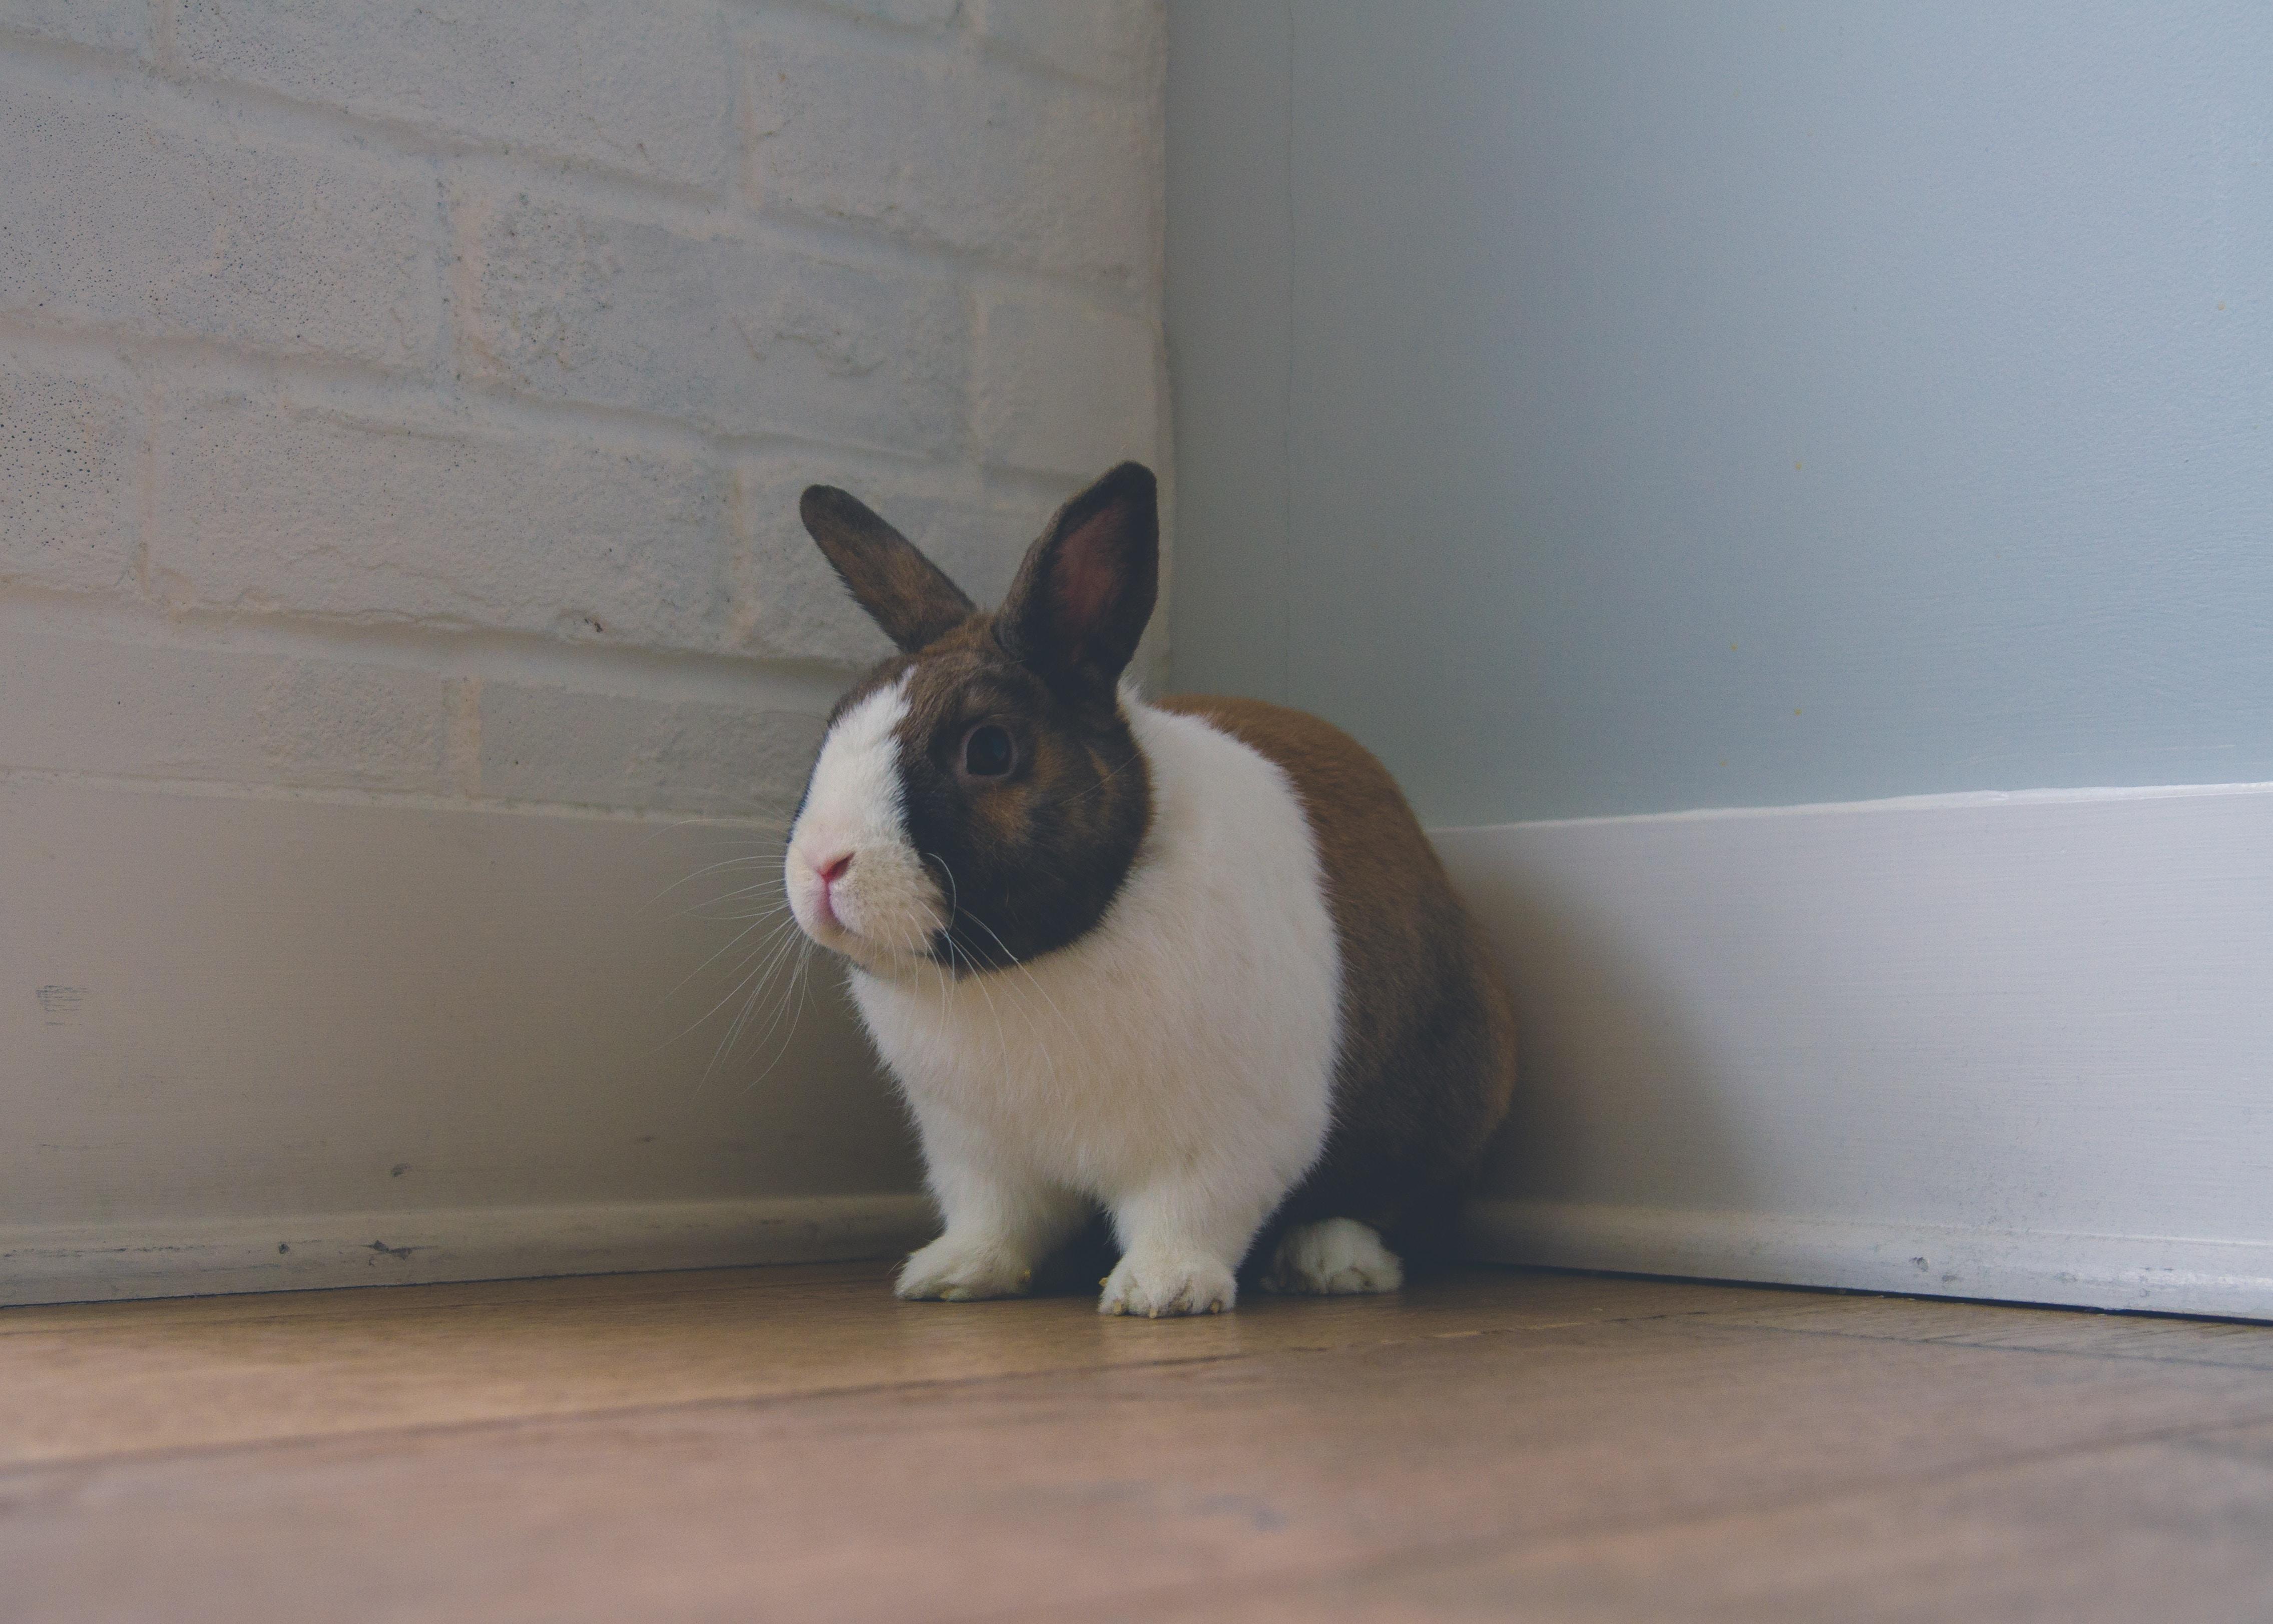 120645 Hintergrundbild herunterladen Kaninchen, Tiere, Nett, Schatz, Ohren - Bildschirmschoner und Bilder kostenlos